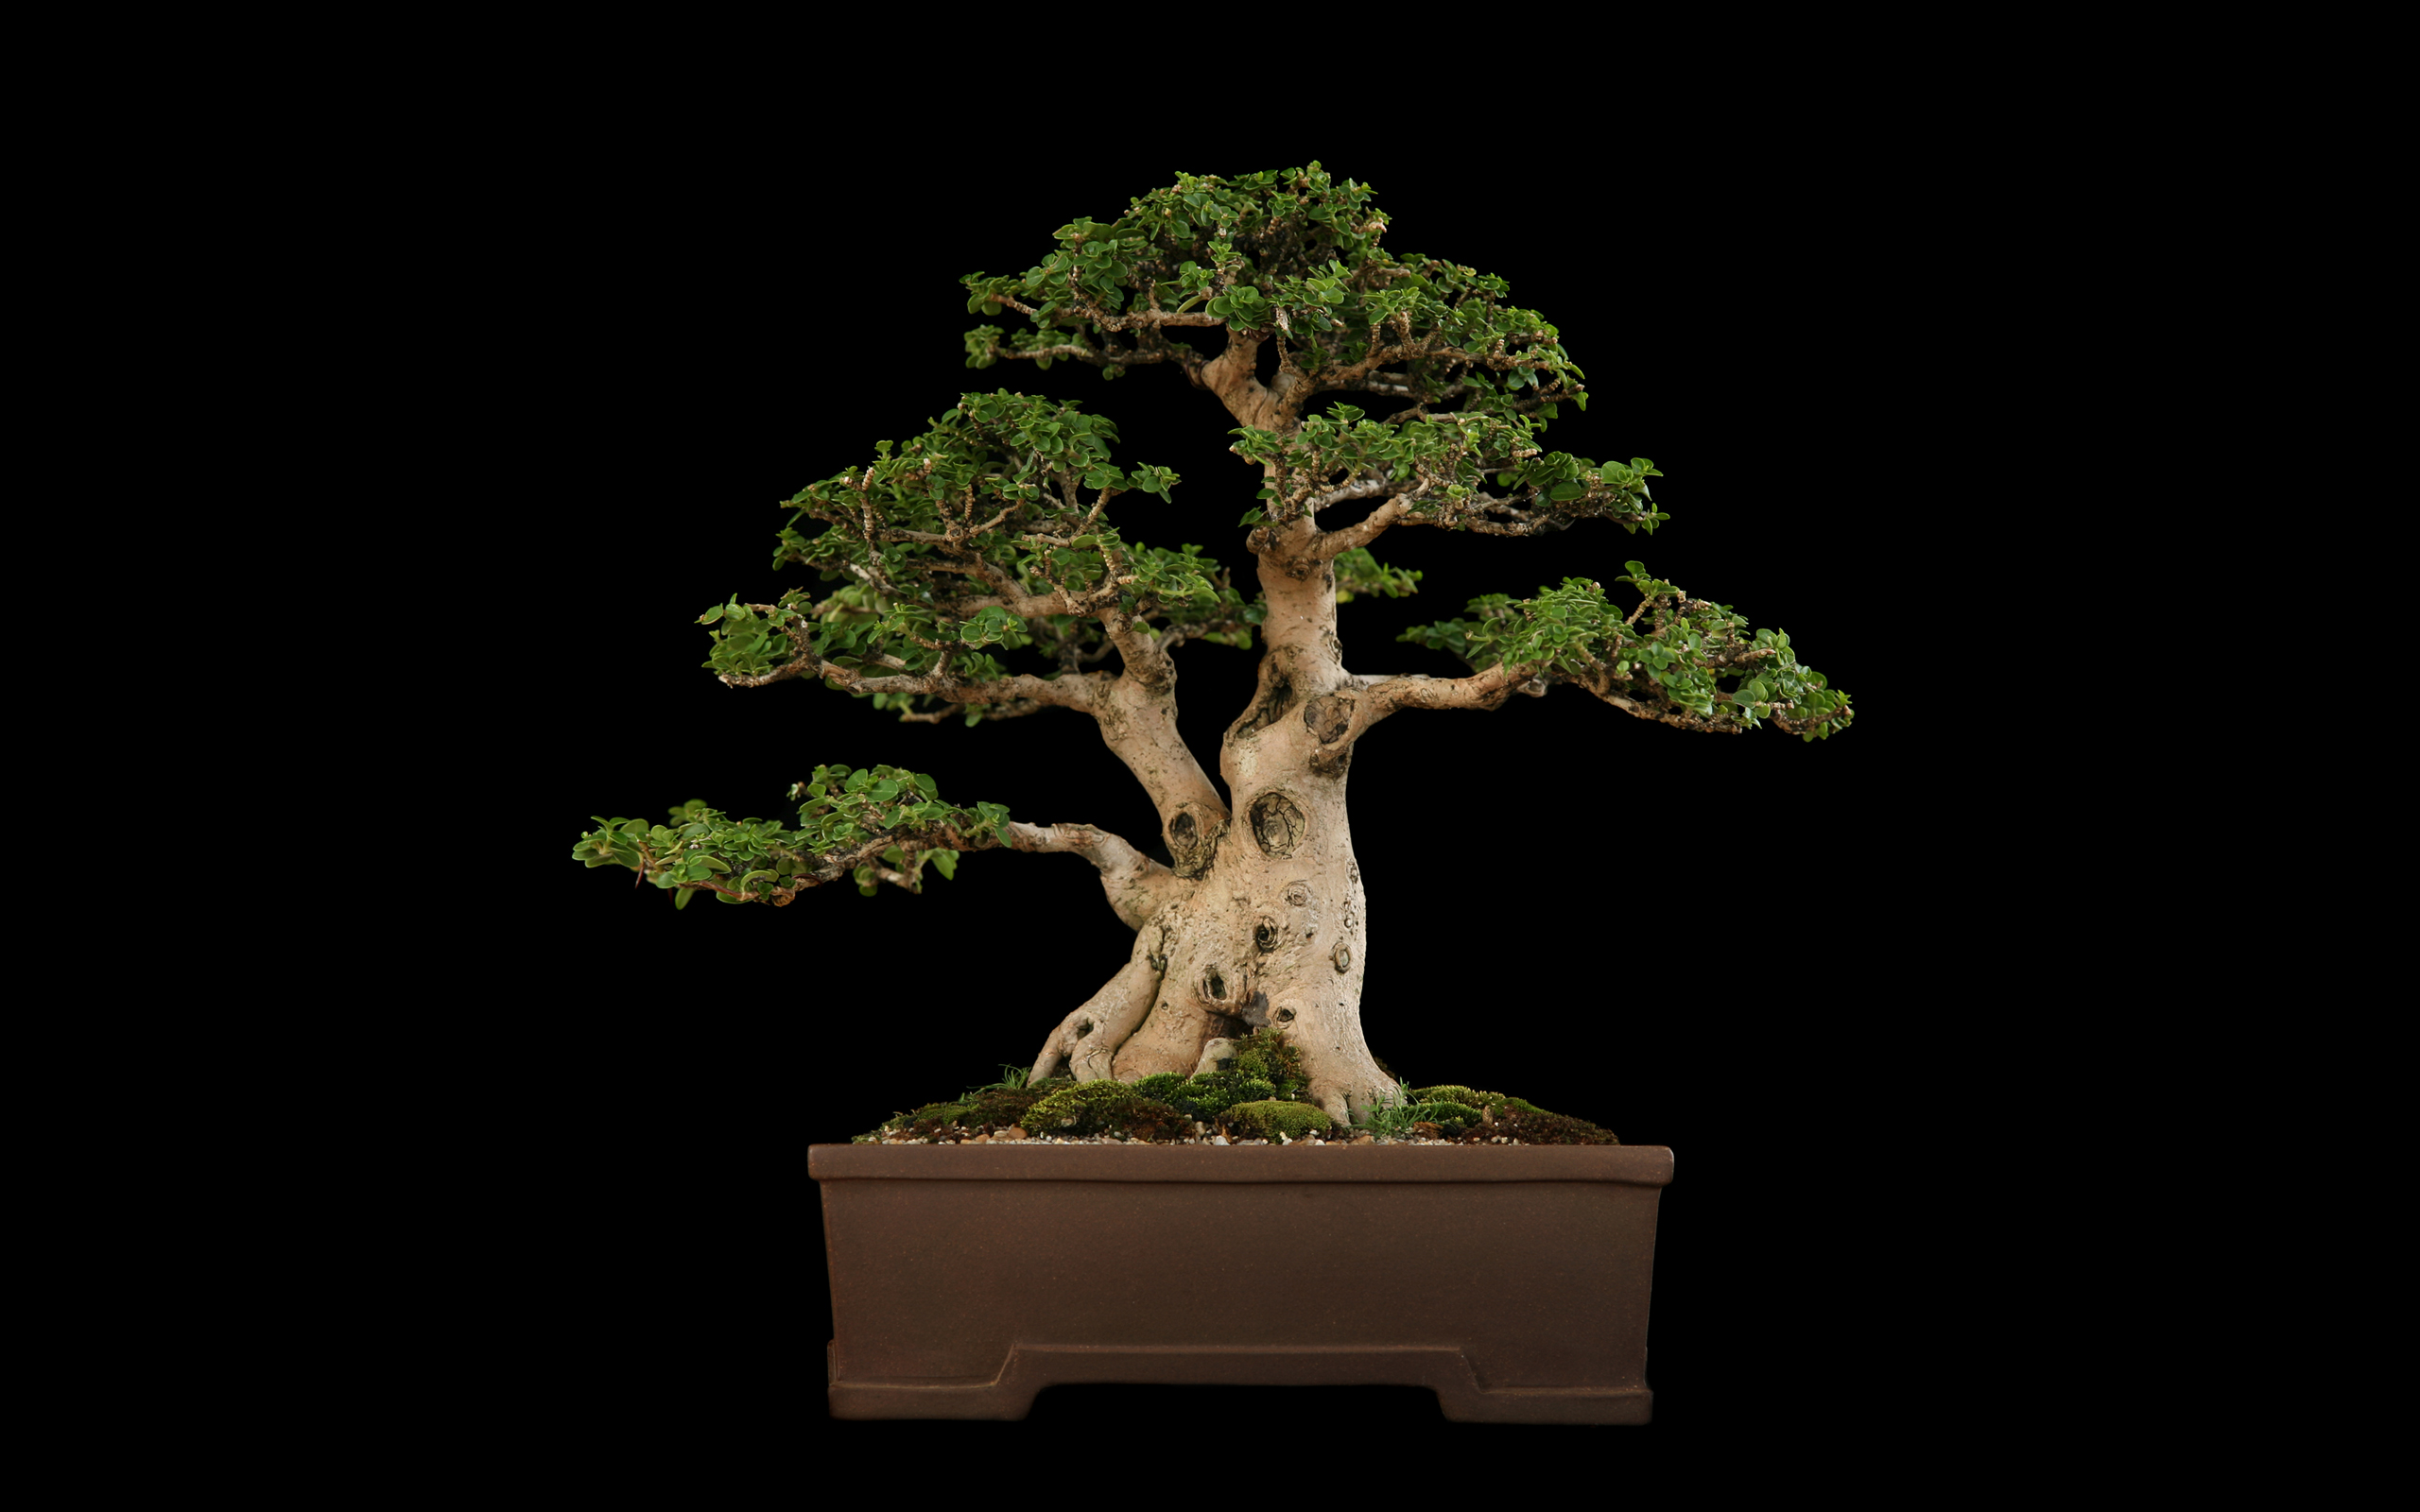 bonsai wallpaper 03 ndash - photo #11